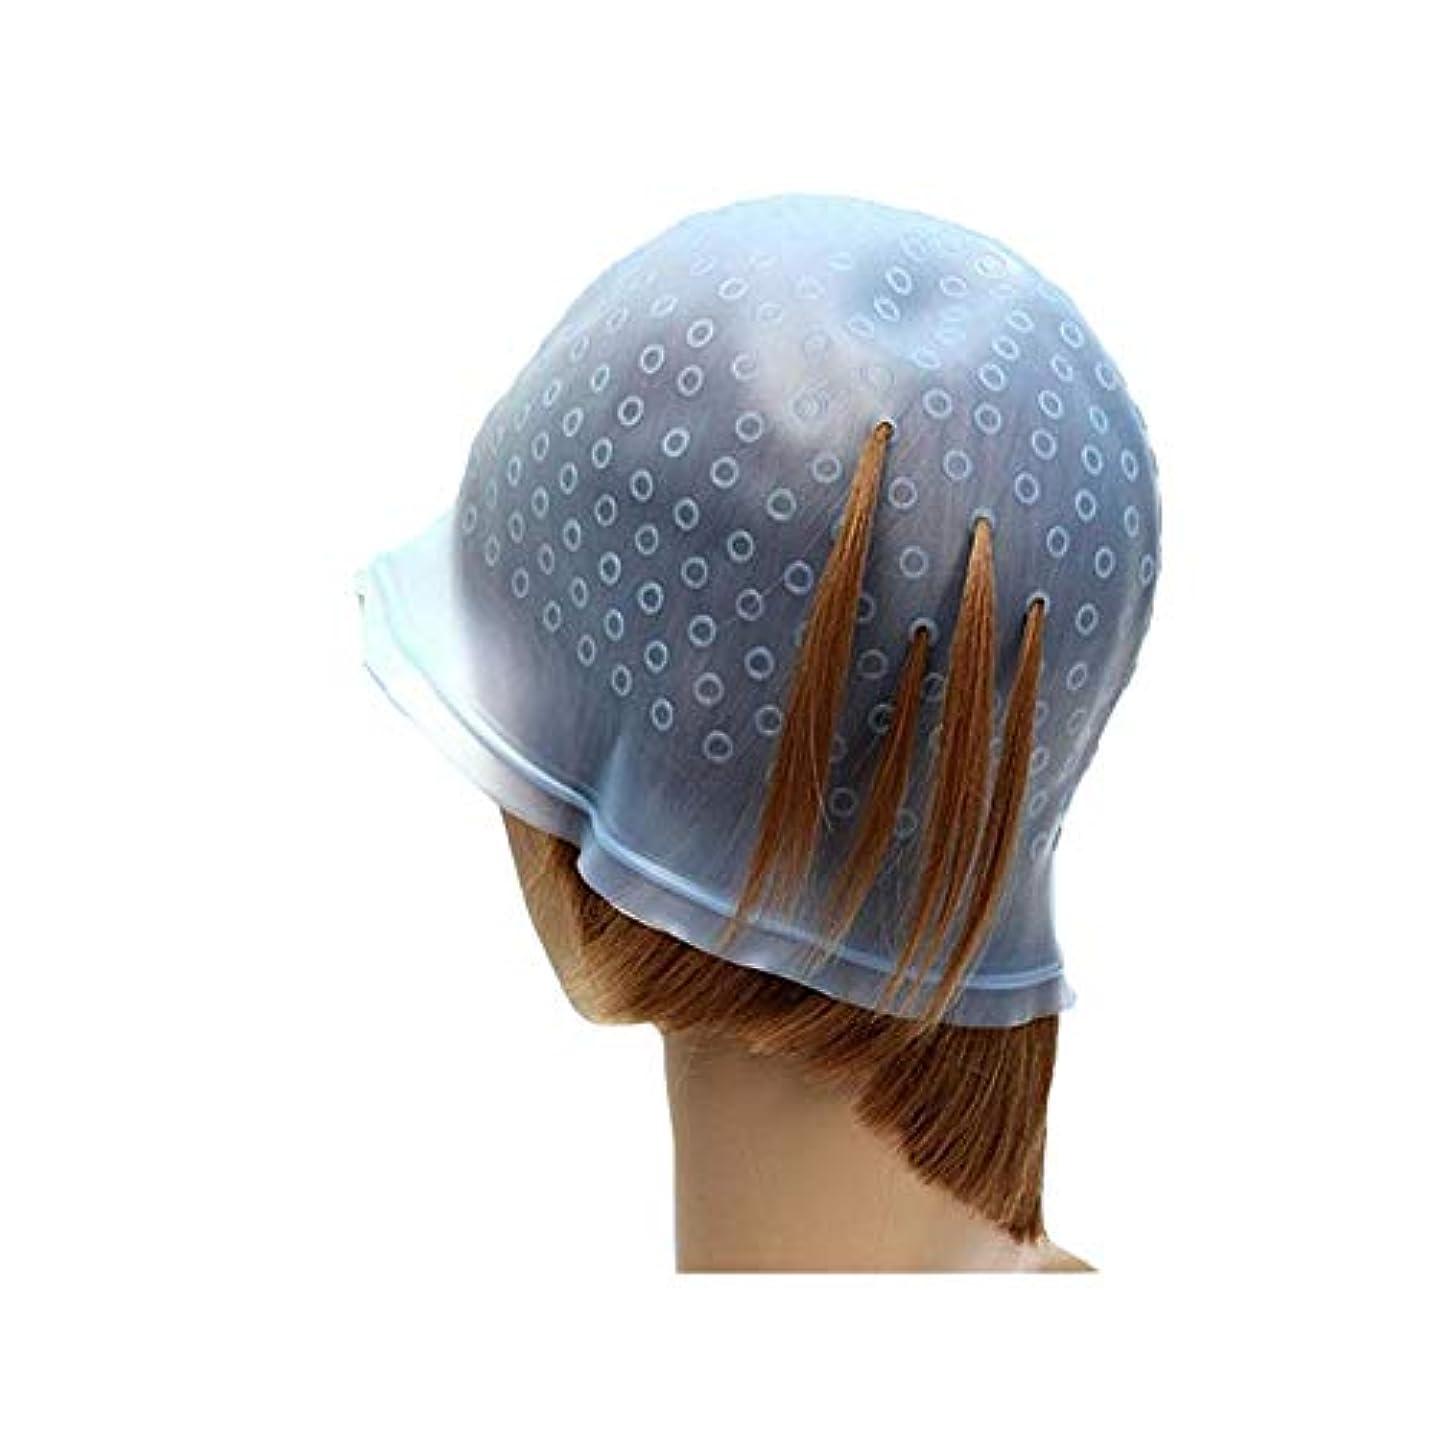 多分一元化する判定メッシュキャップ ヘアカラー 髪染め カラーリング メッシュ用 シリコンキャップ セルフカラー 髪の毛 穴あけ用のかぎ針付き 髪 レディース メンズ